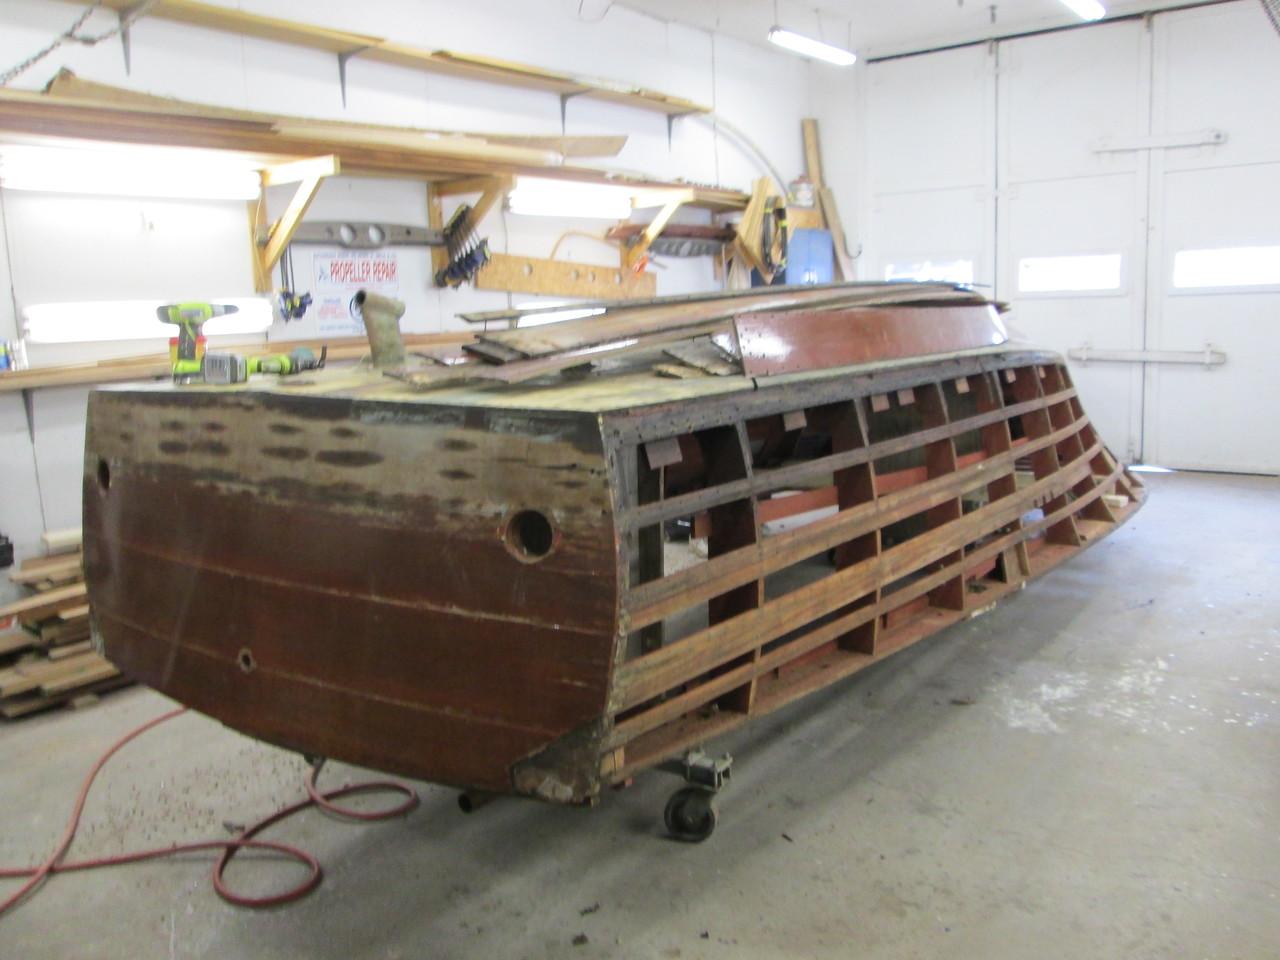 Port side planks removed.